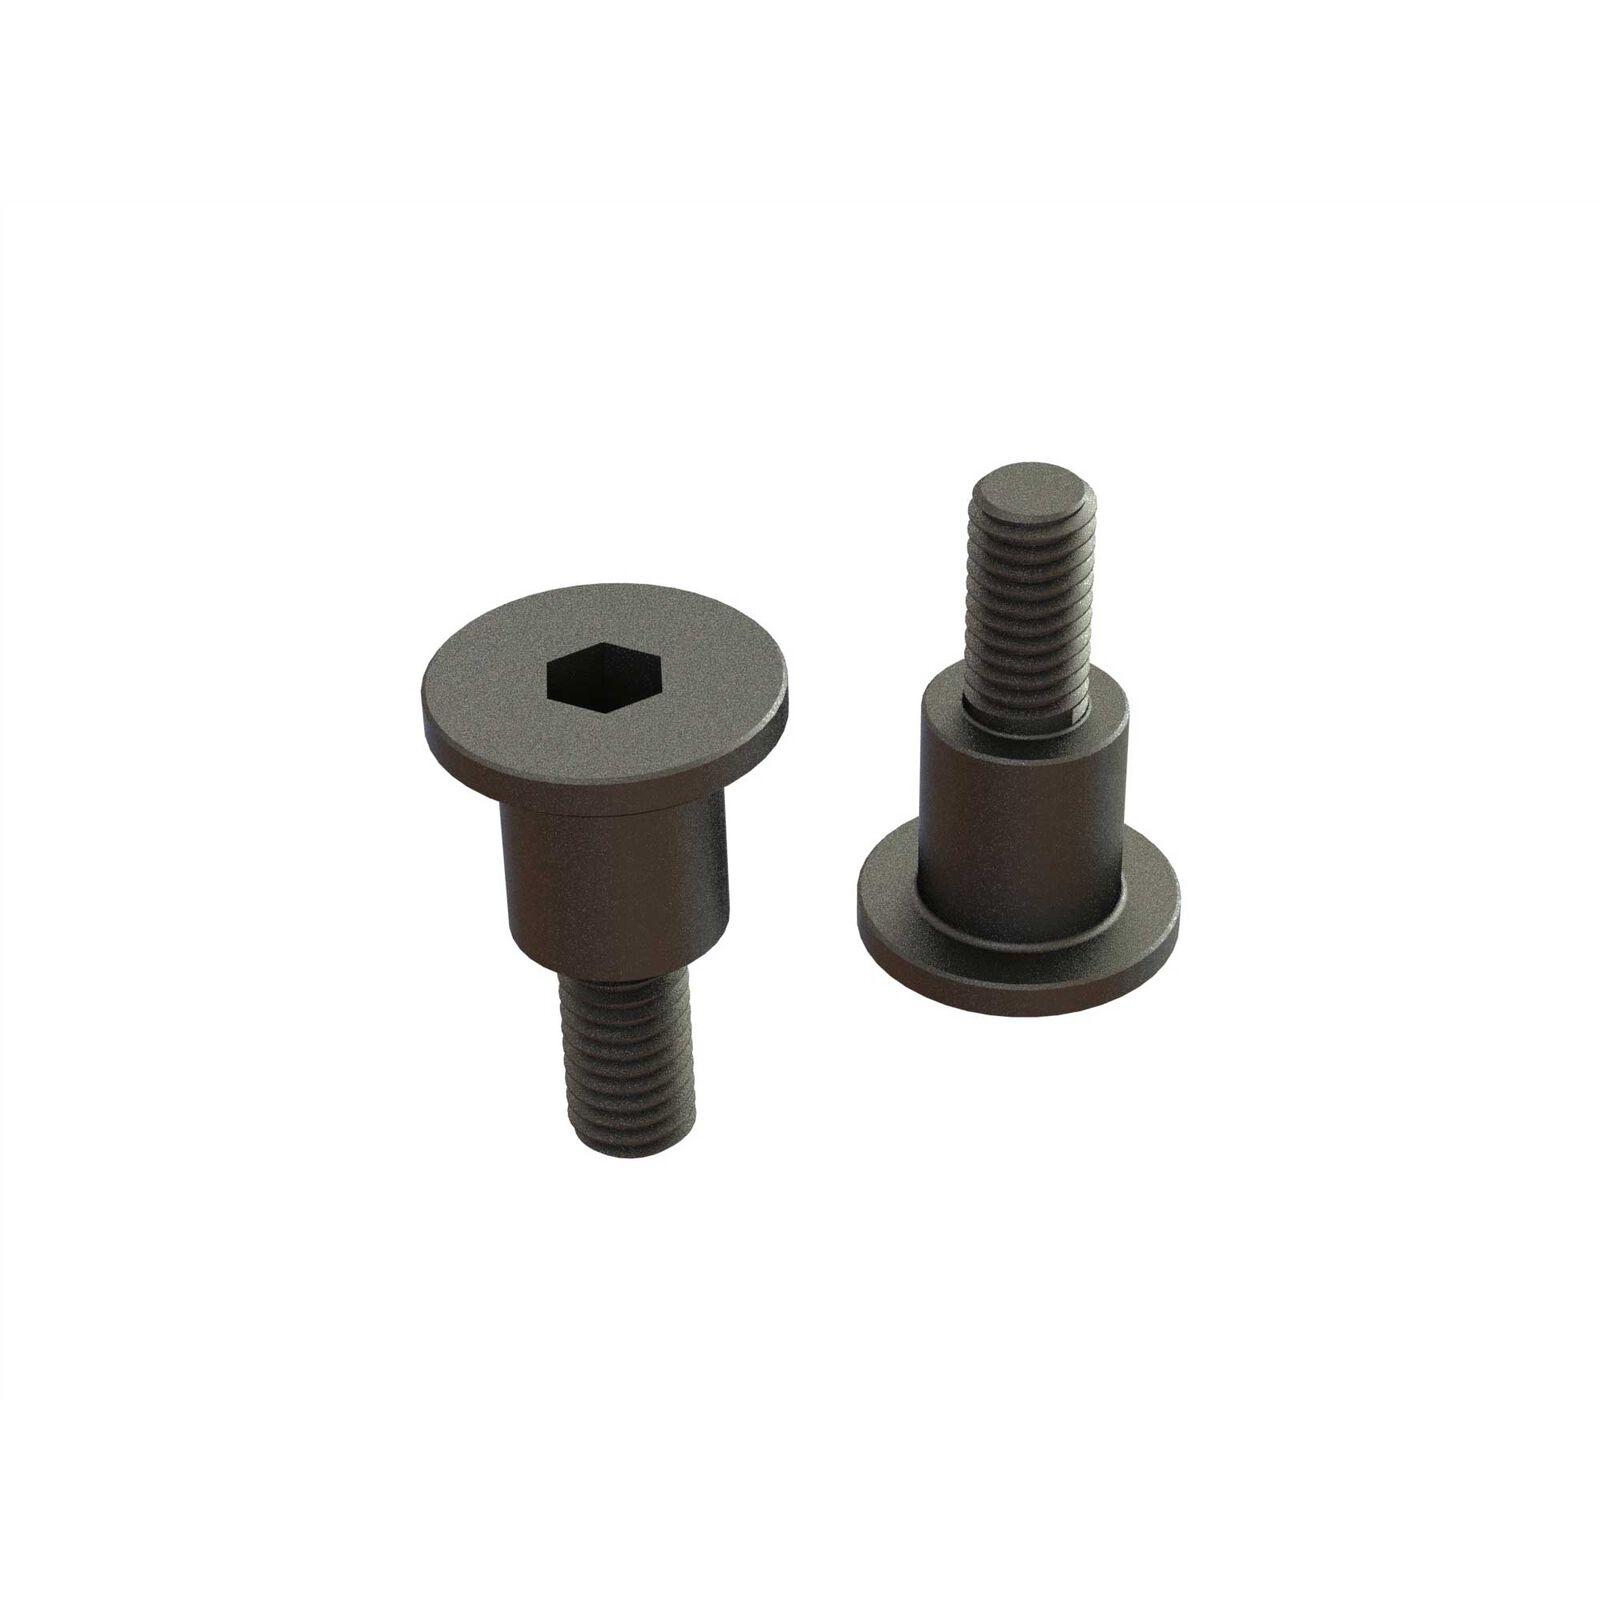 M3x12.5mm Screw Shaft (2)